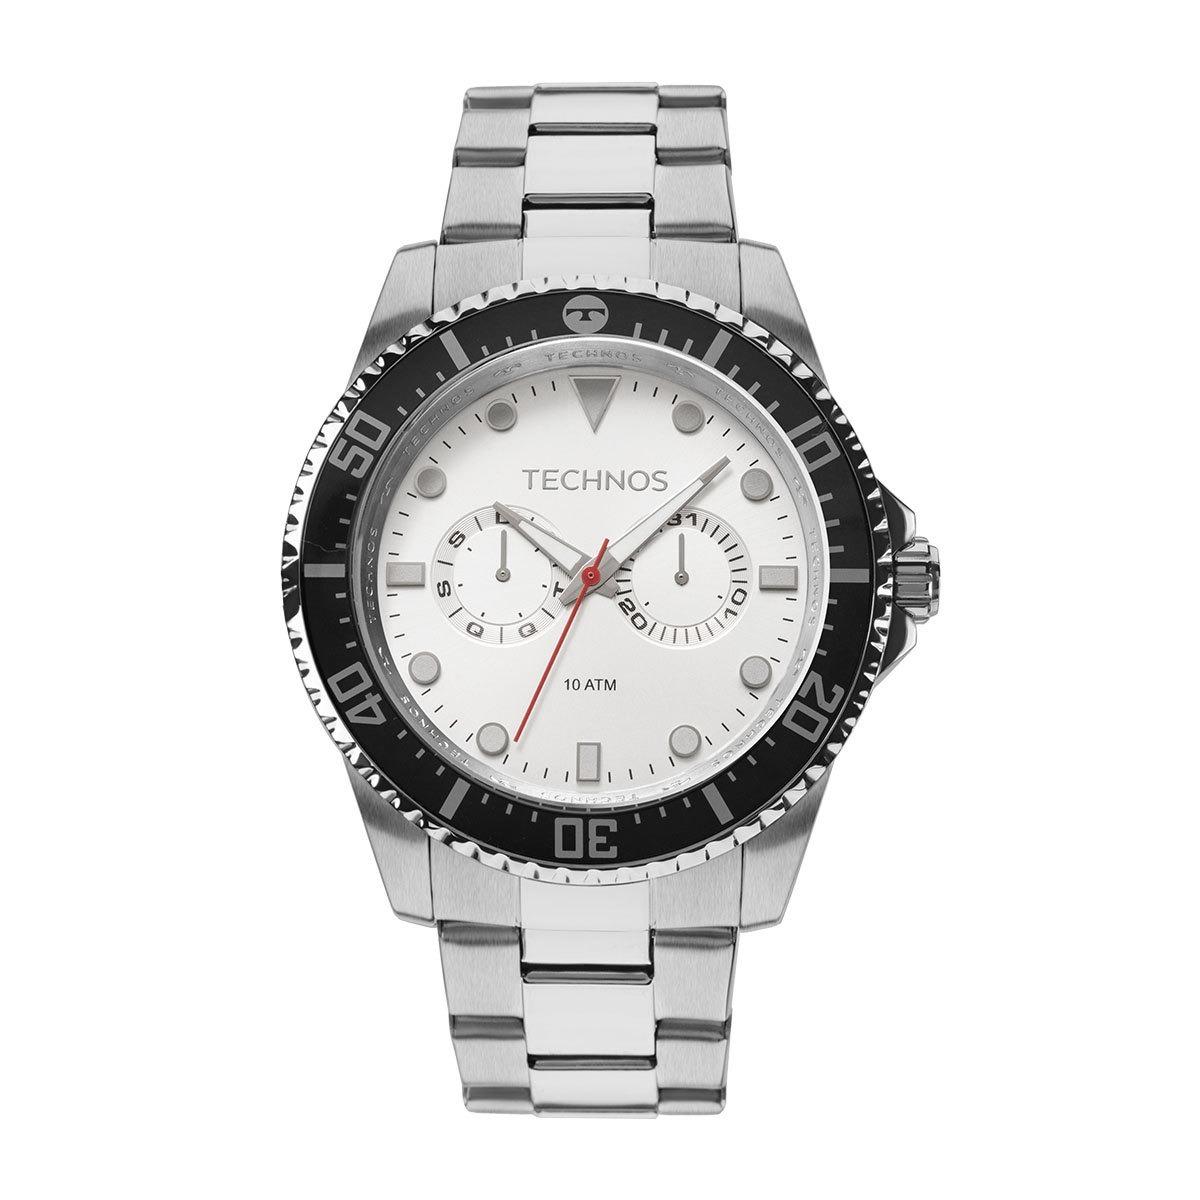 relógio technos skymaster masculino prata analógico 6p25bm 1. Carregando  zoom. 0e7999a510